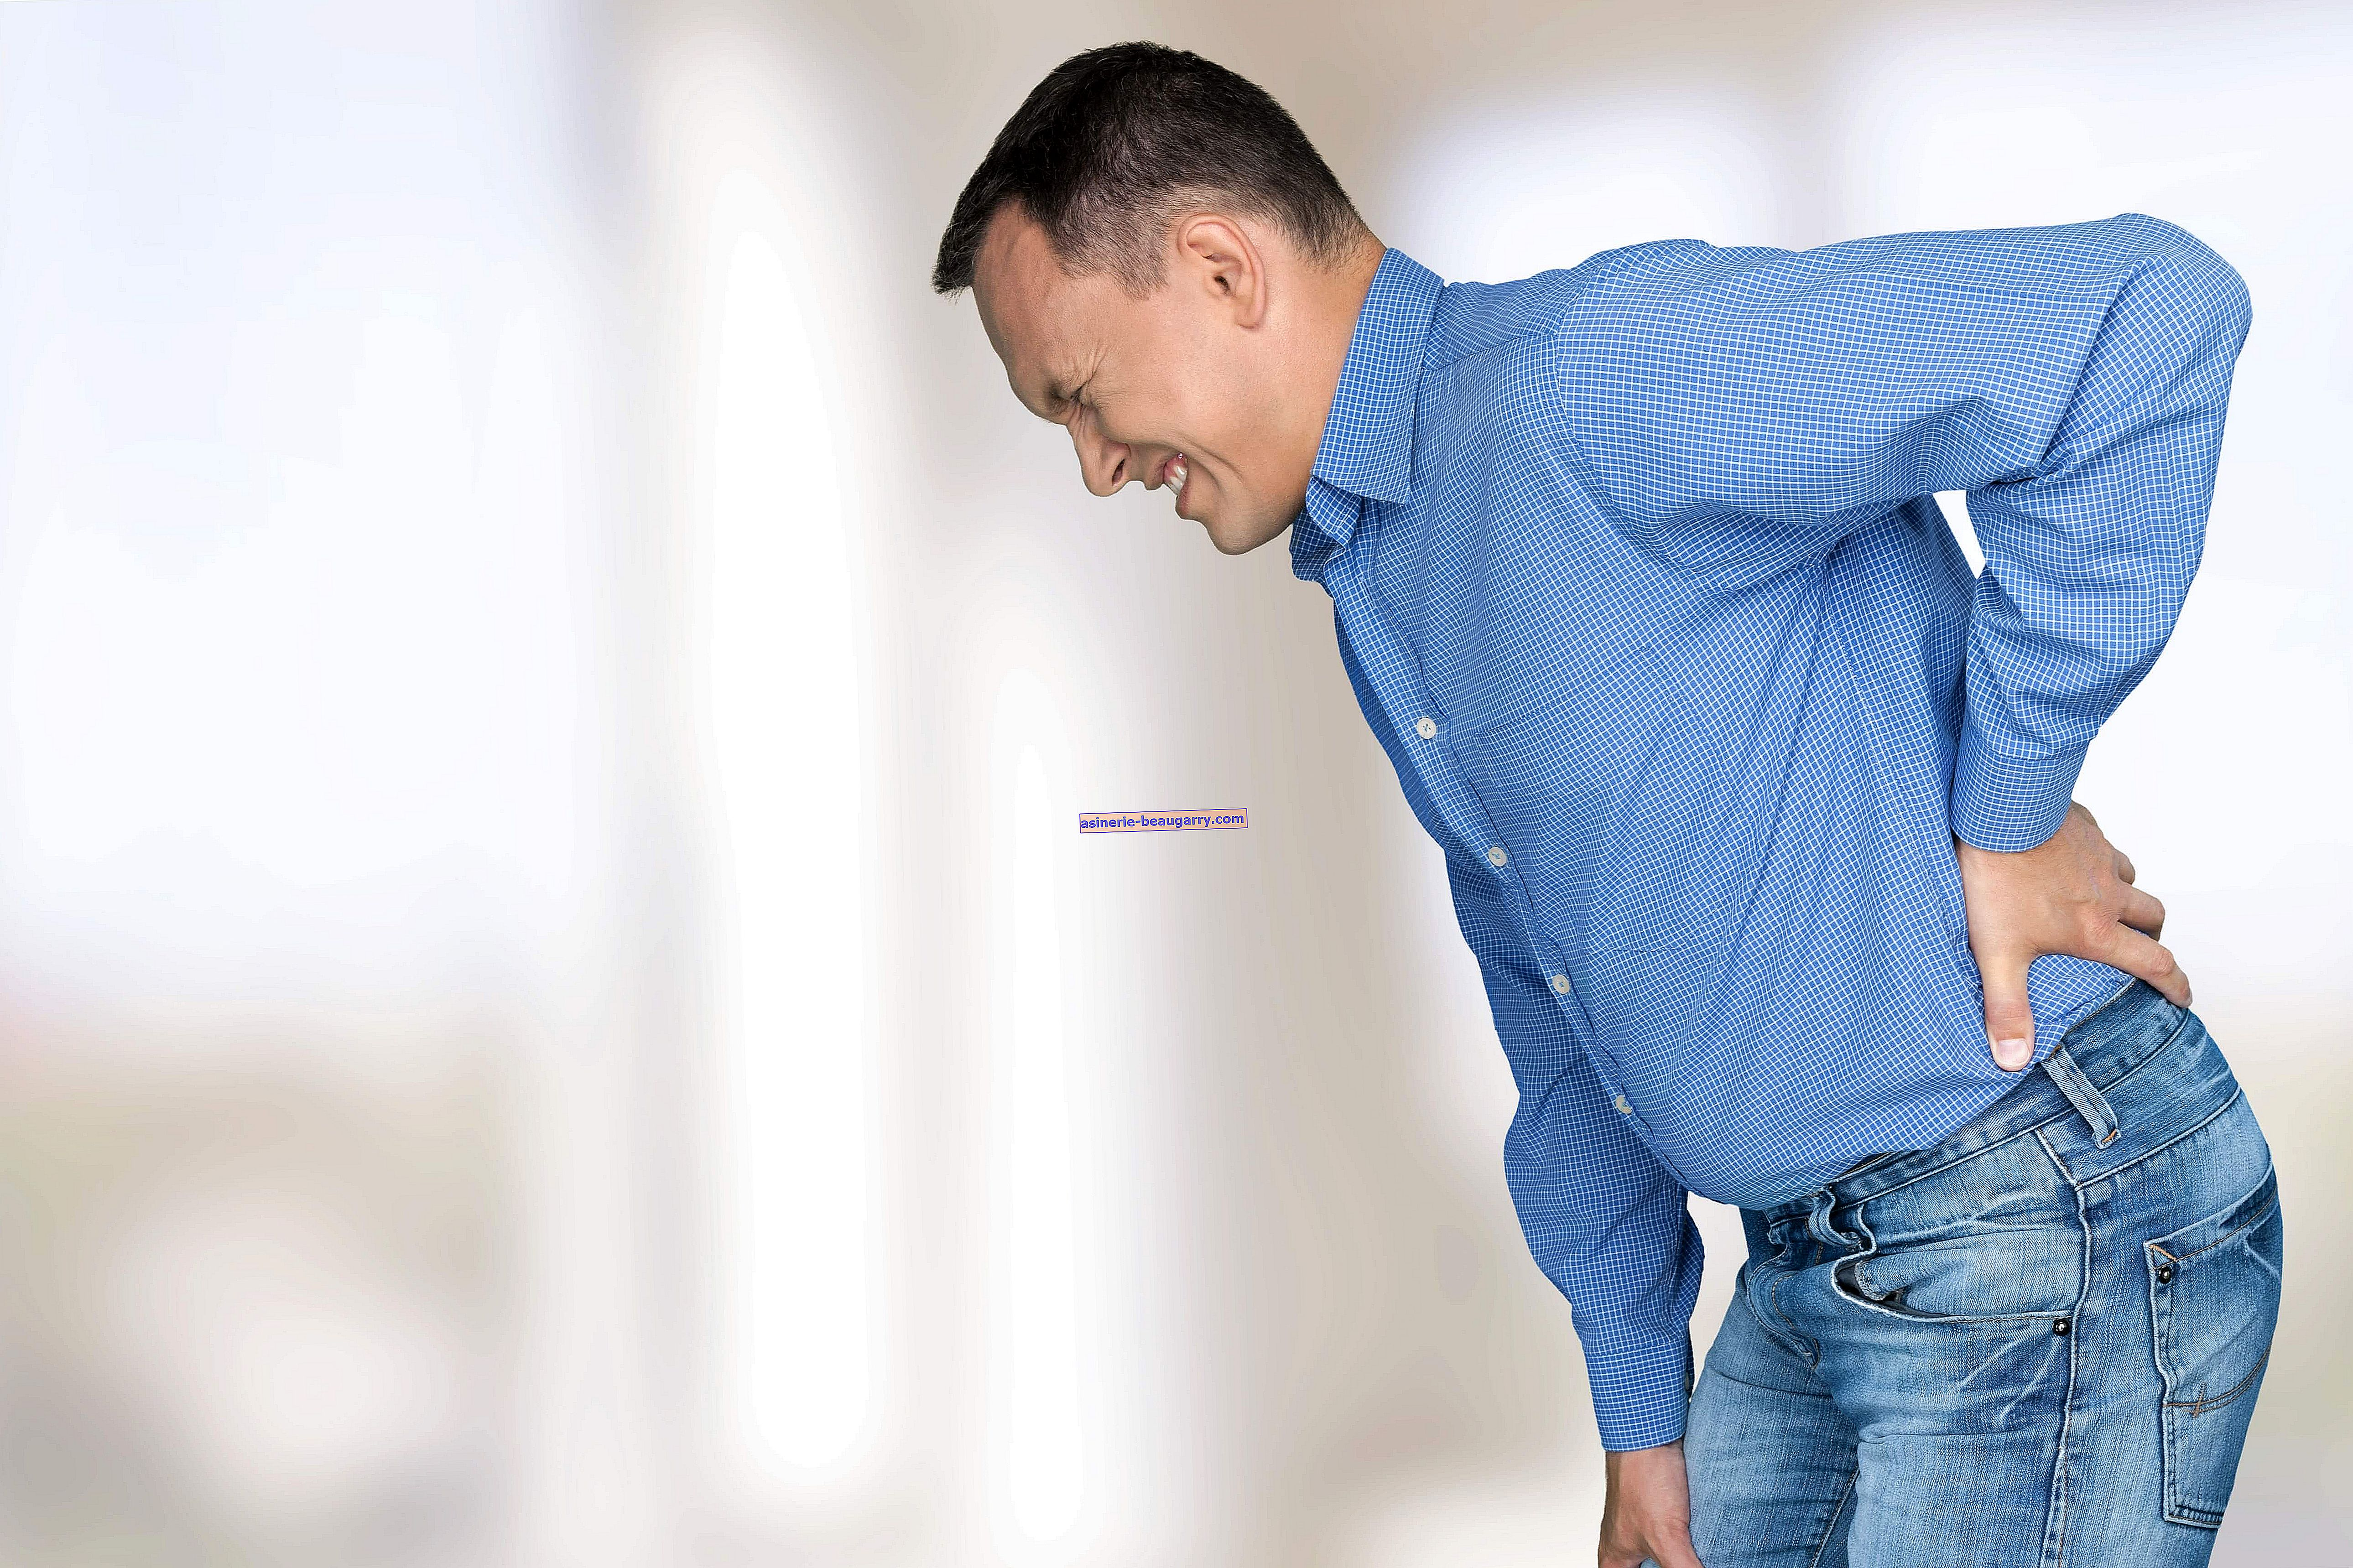 Qu'est-ce qu'un ulcère? Quels sont les symptômes et le traitement?